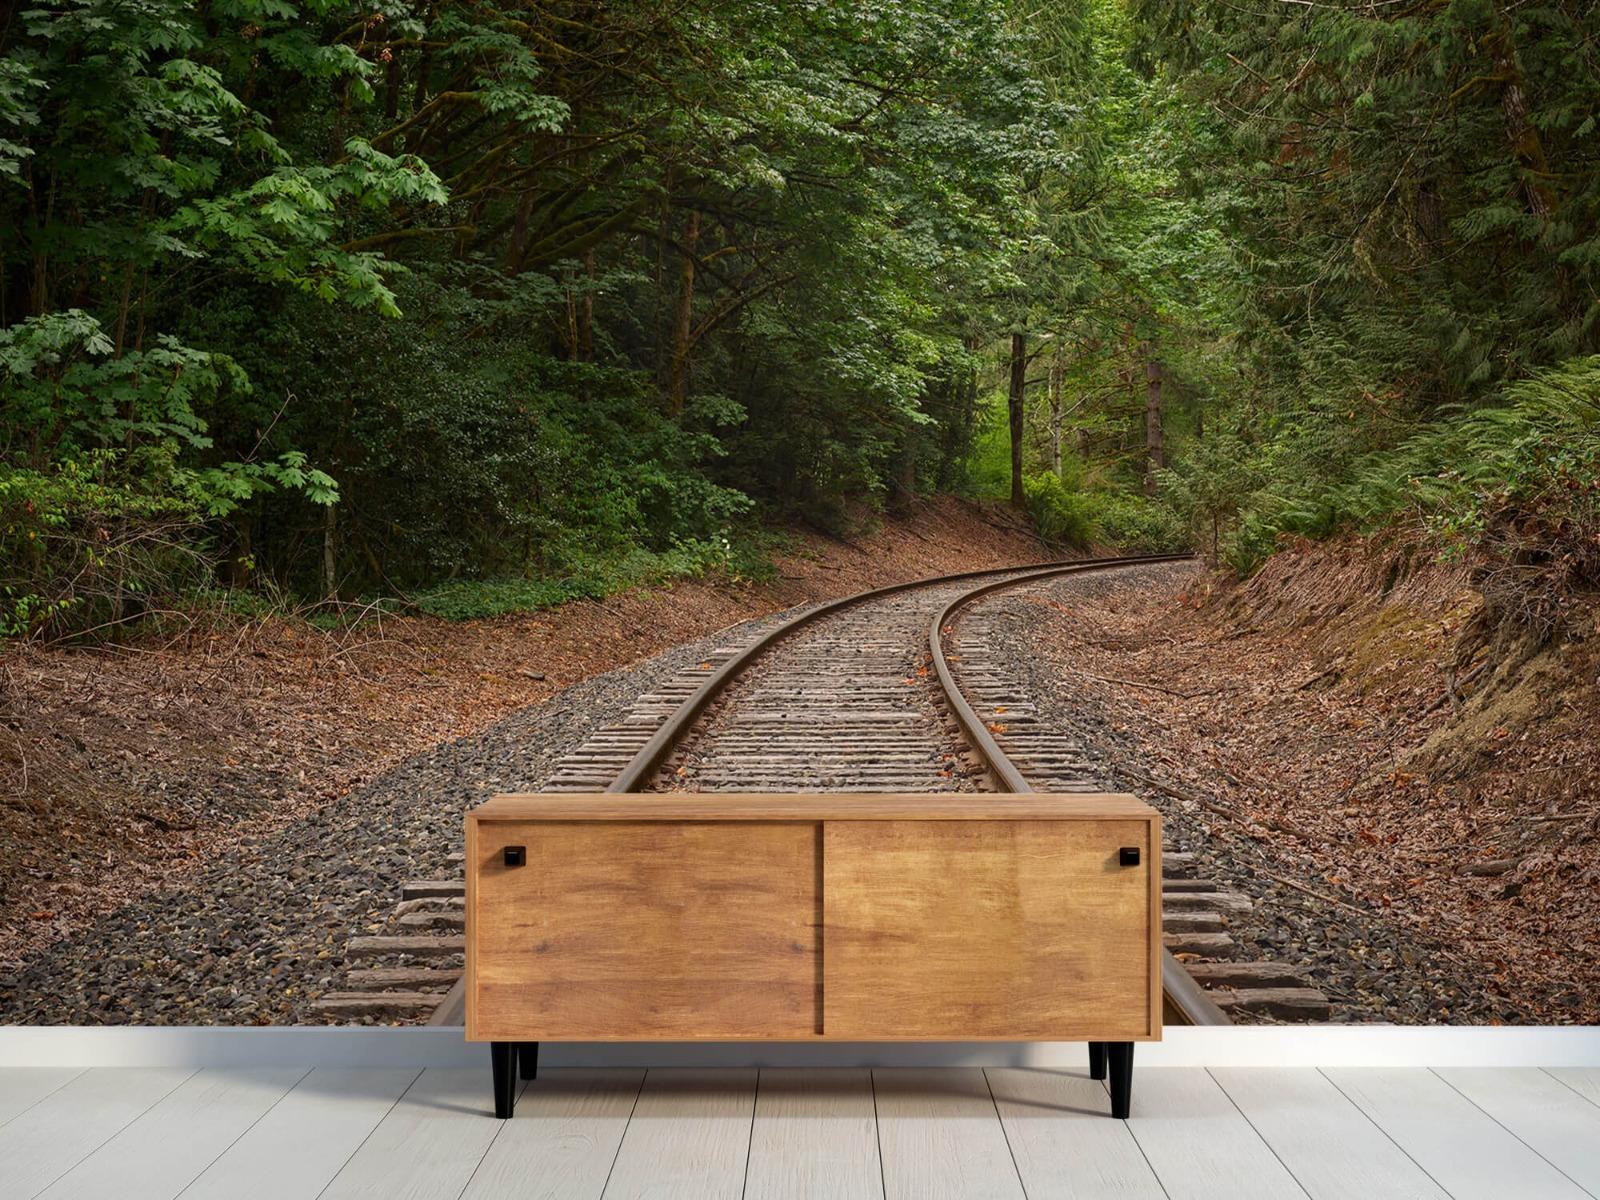 Bos behang - Spoorlijn door het bos - Slaapkamer 11